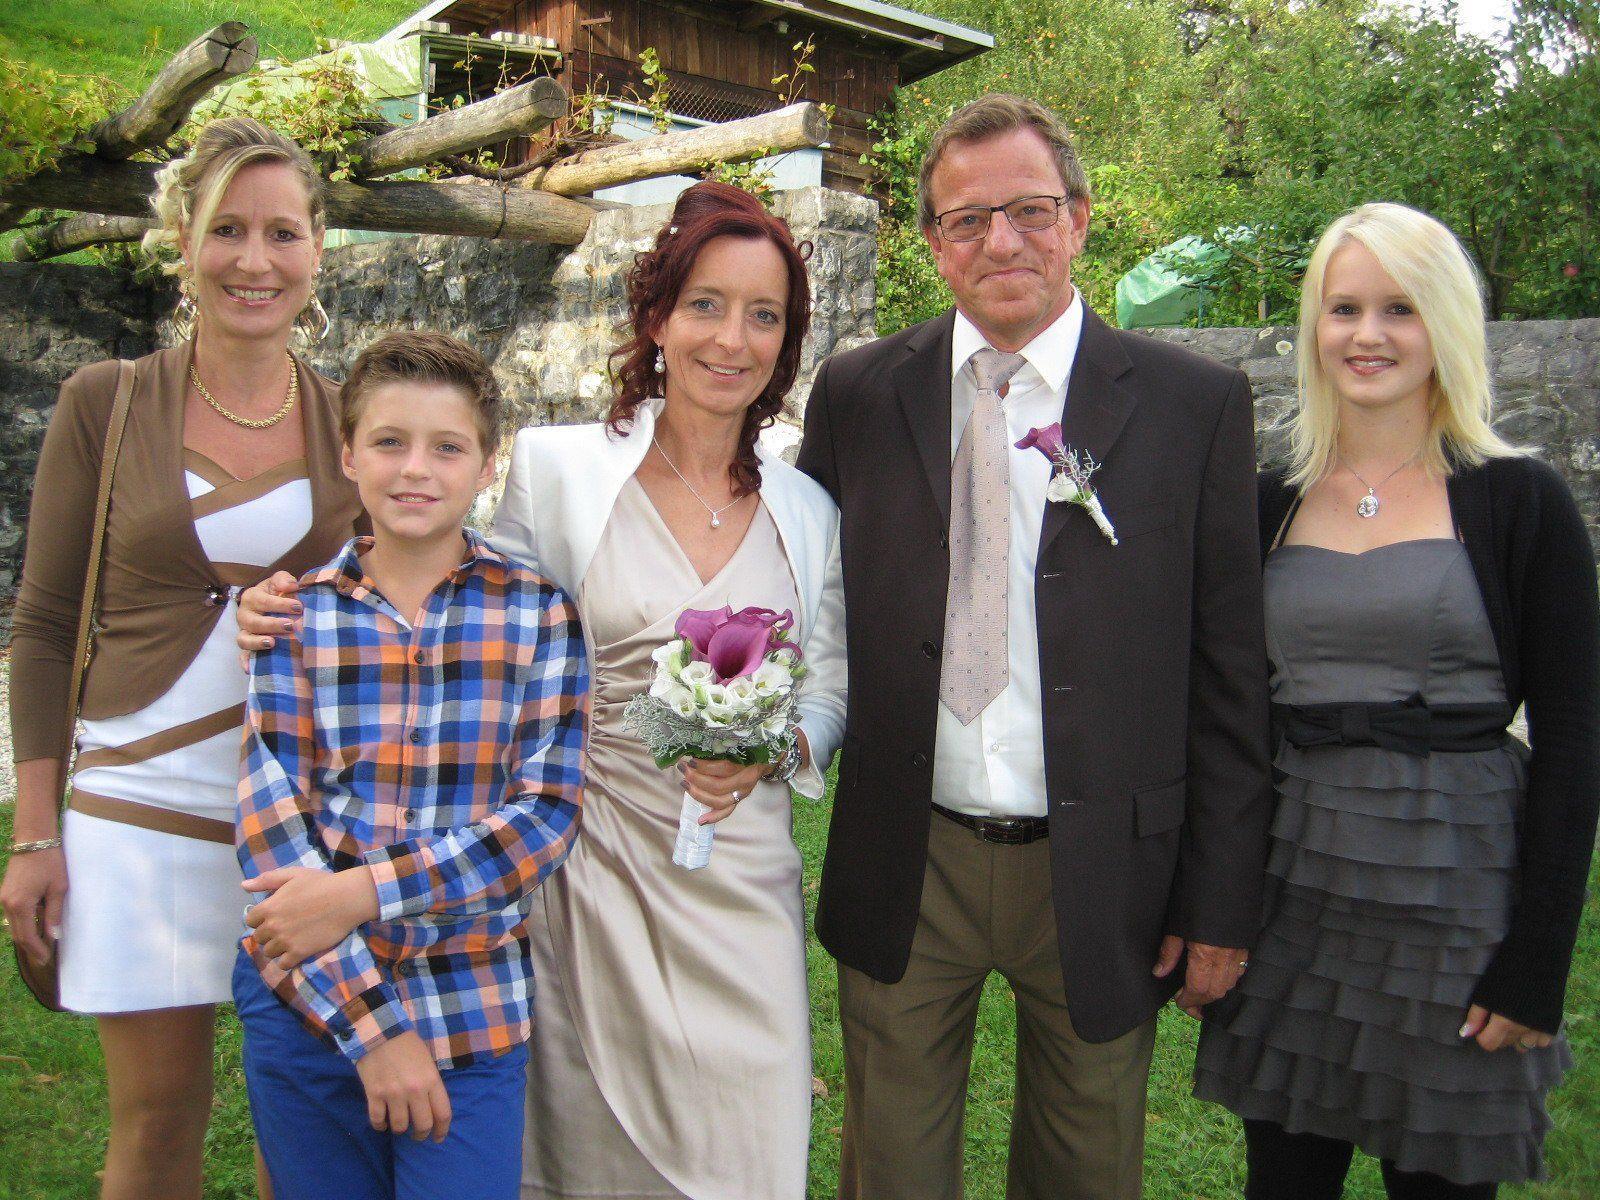 Margit Neier und Hermann Hager haben geheiratet.